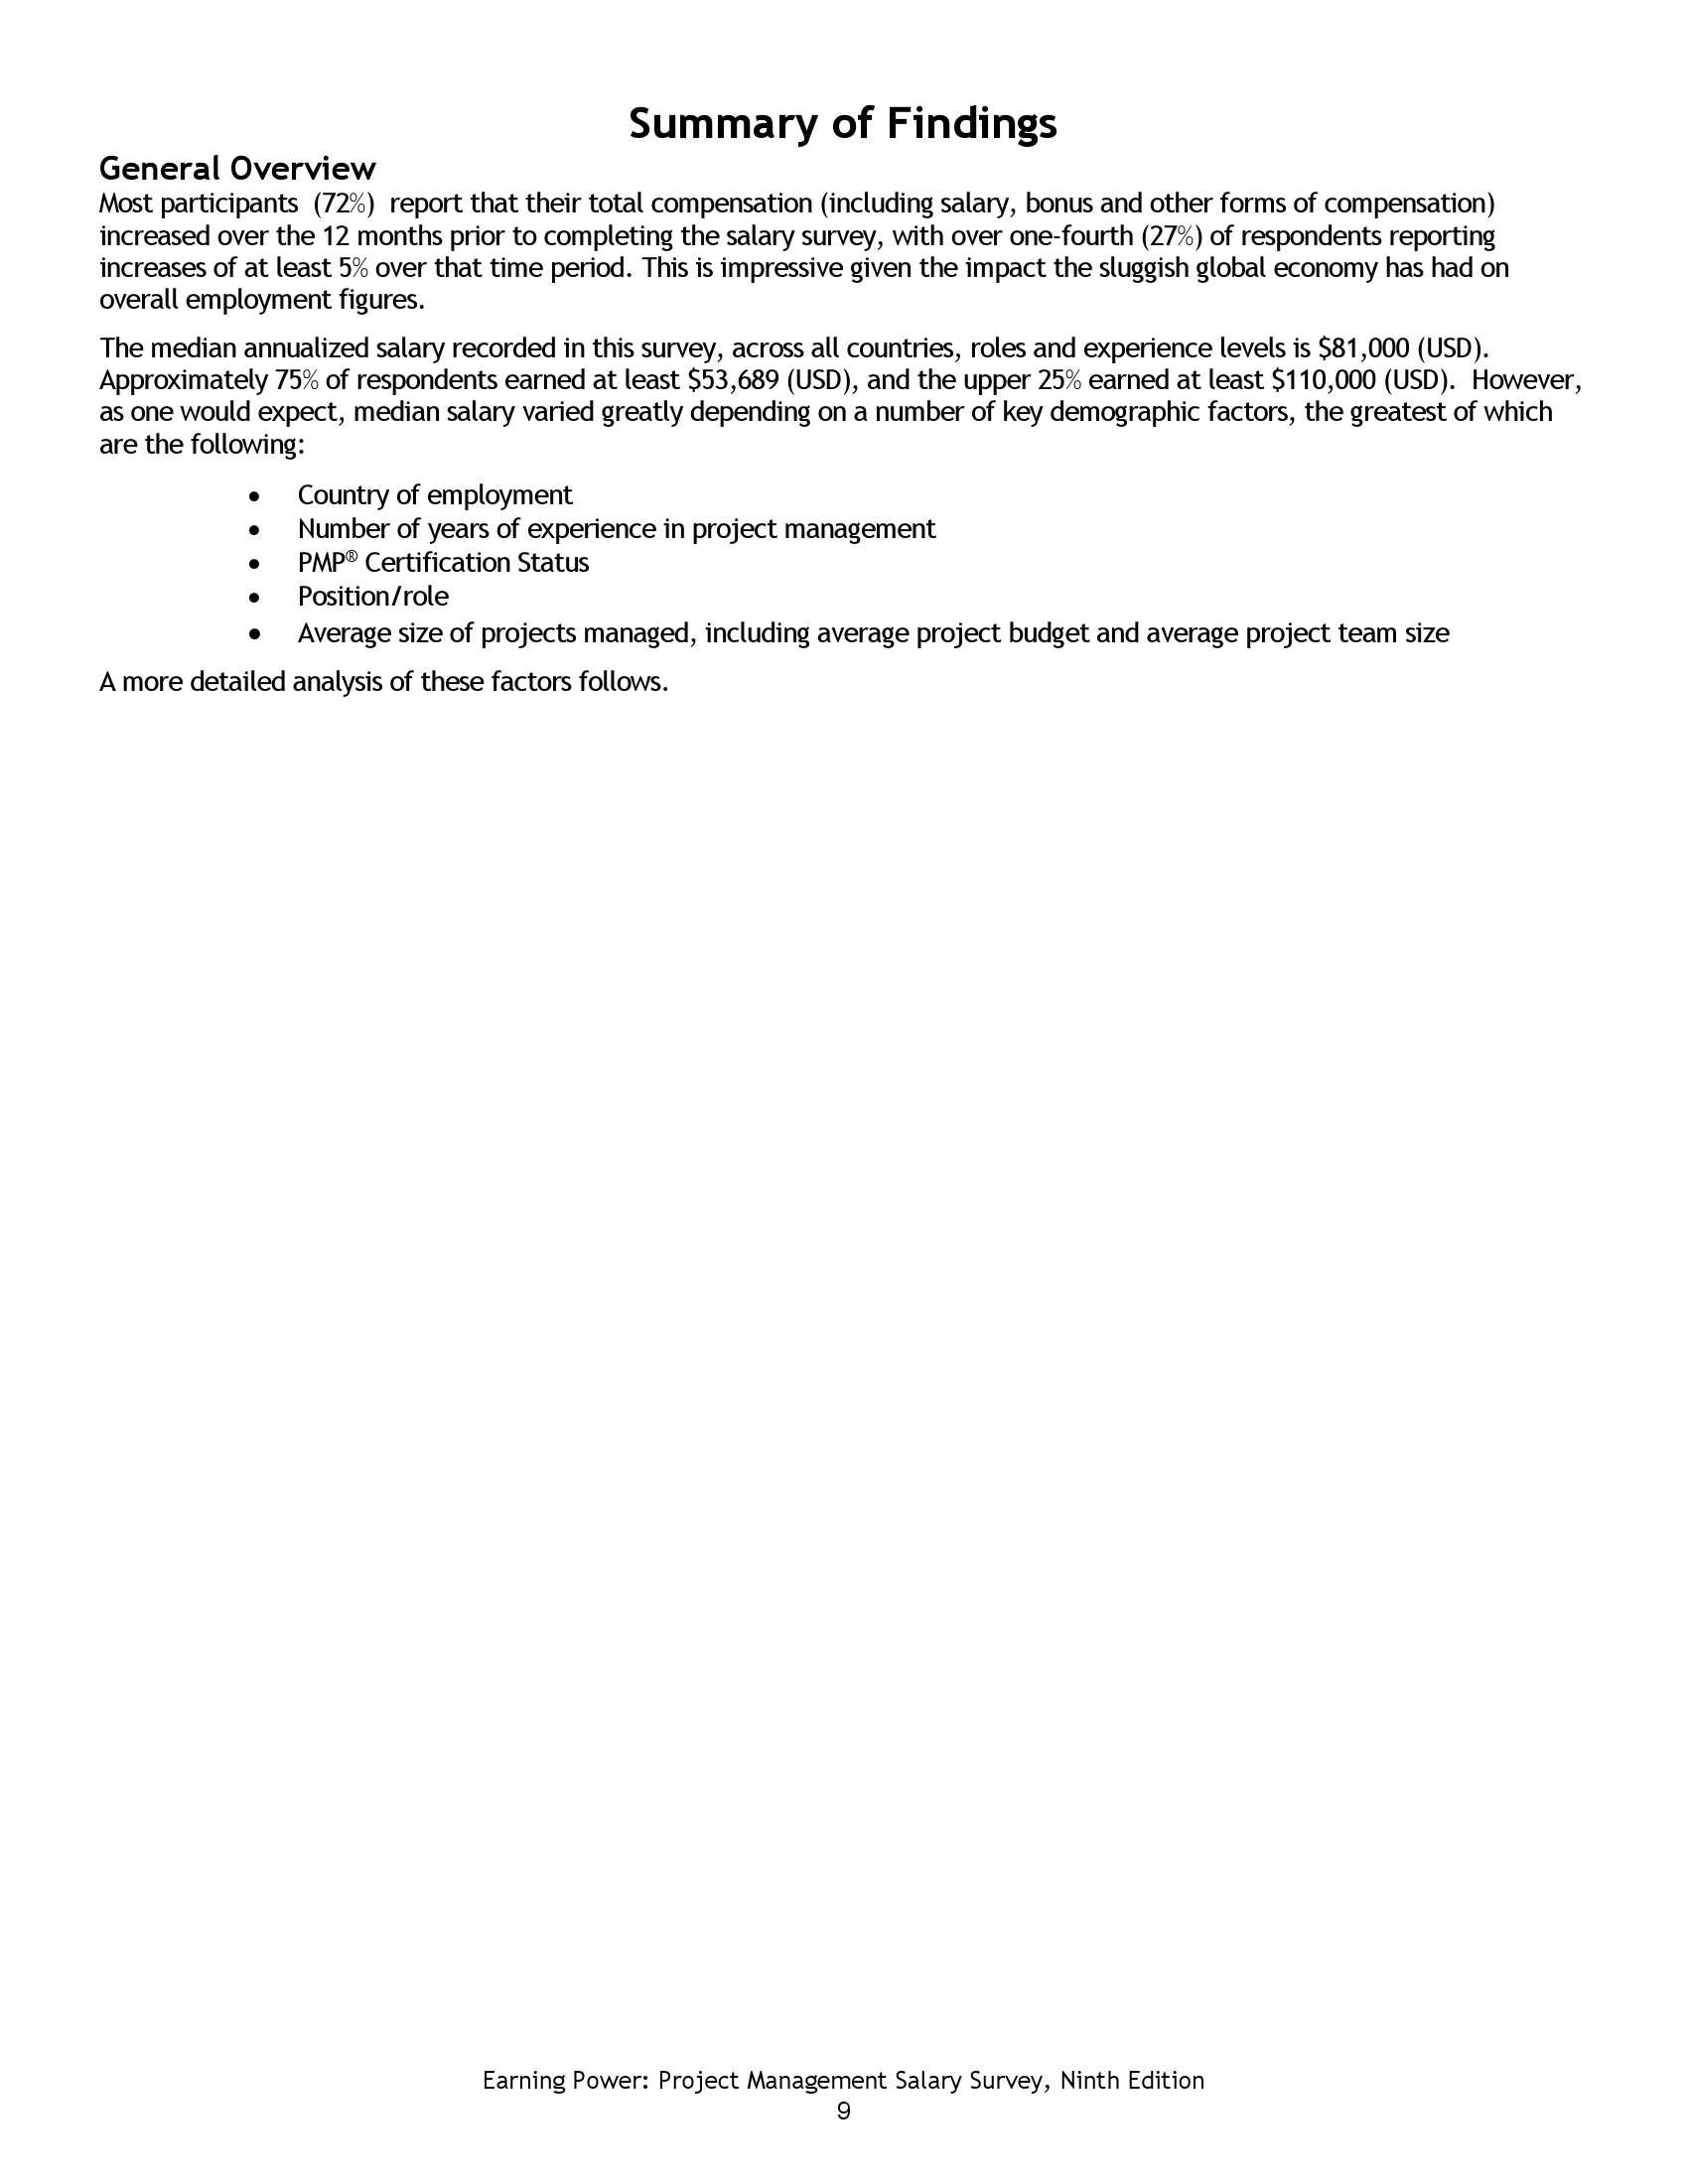 2015年项目管理薪酬调查报告_000010